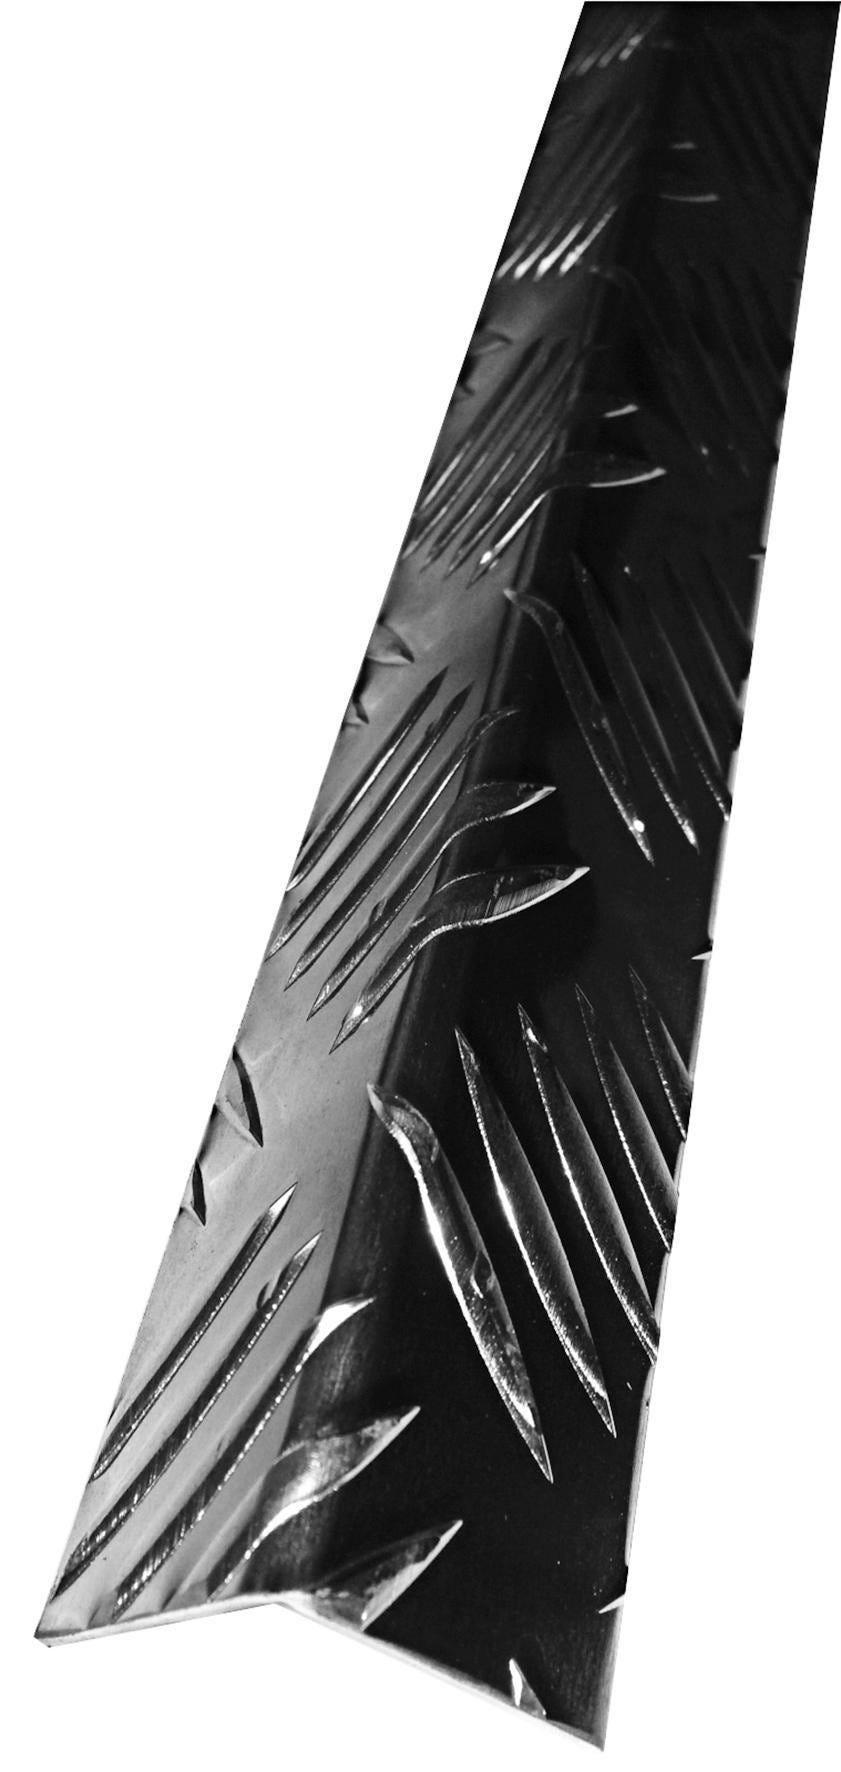 ARCANSAS Angolare Alluminio Chicco Di Riso 30x30x1,5 Mm 1 M